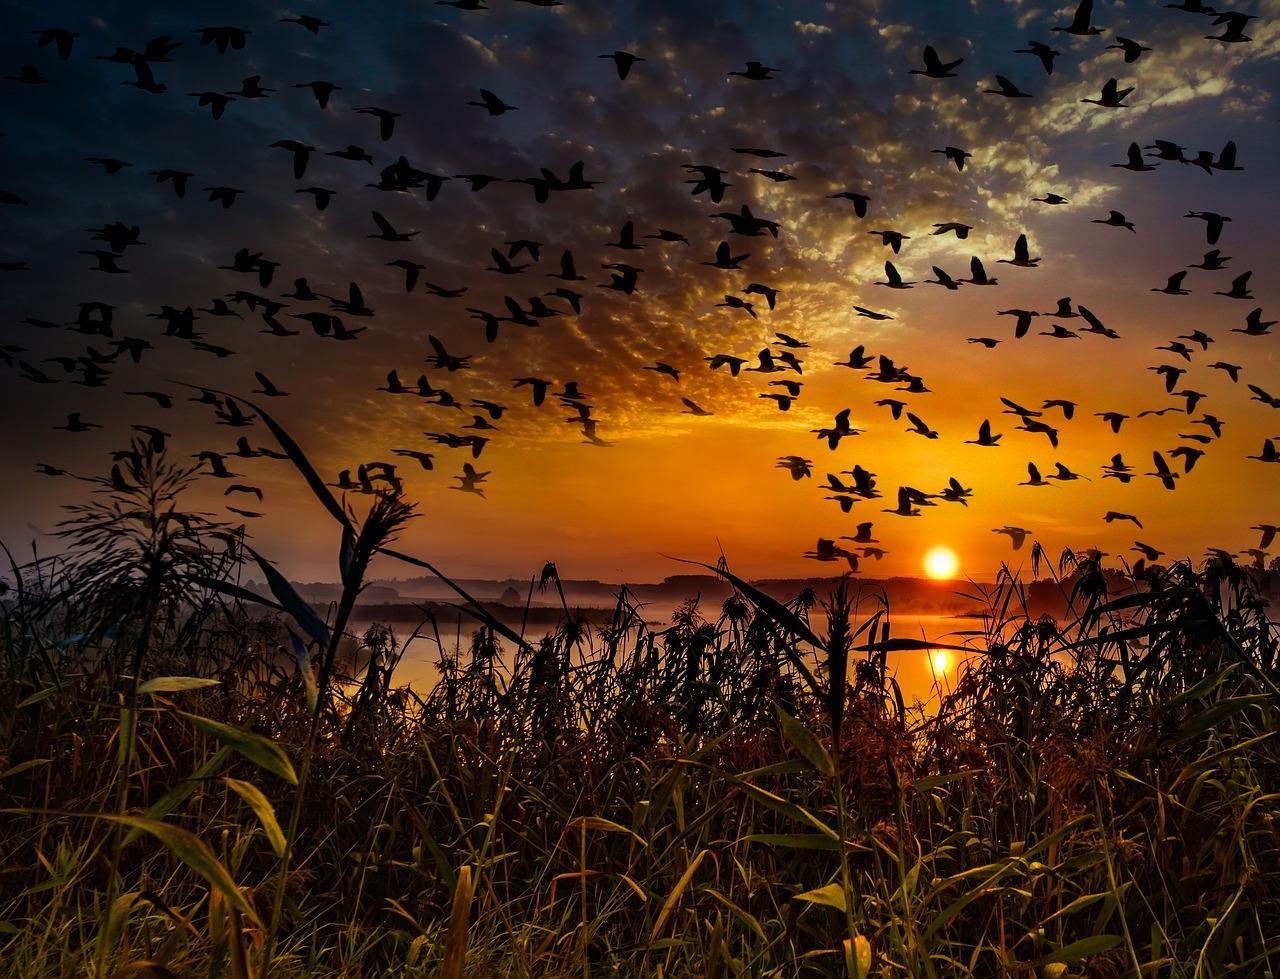 практике сделать картинки осень стаи птиц вертикальные видите там четыре